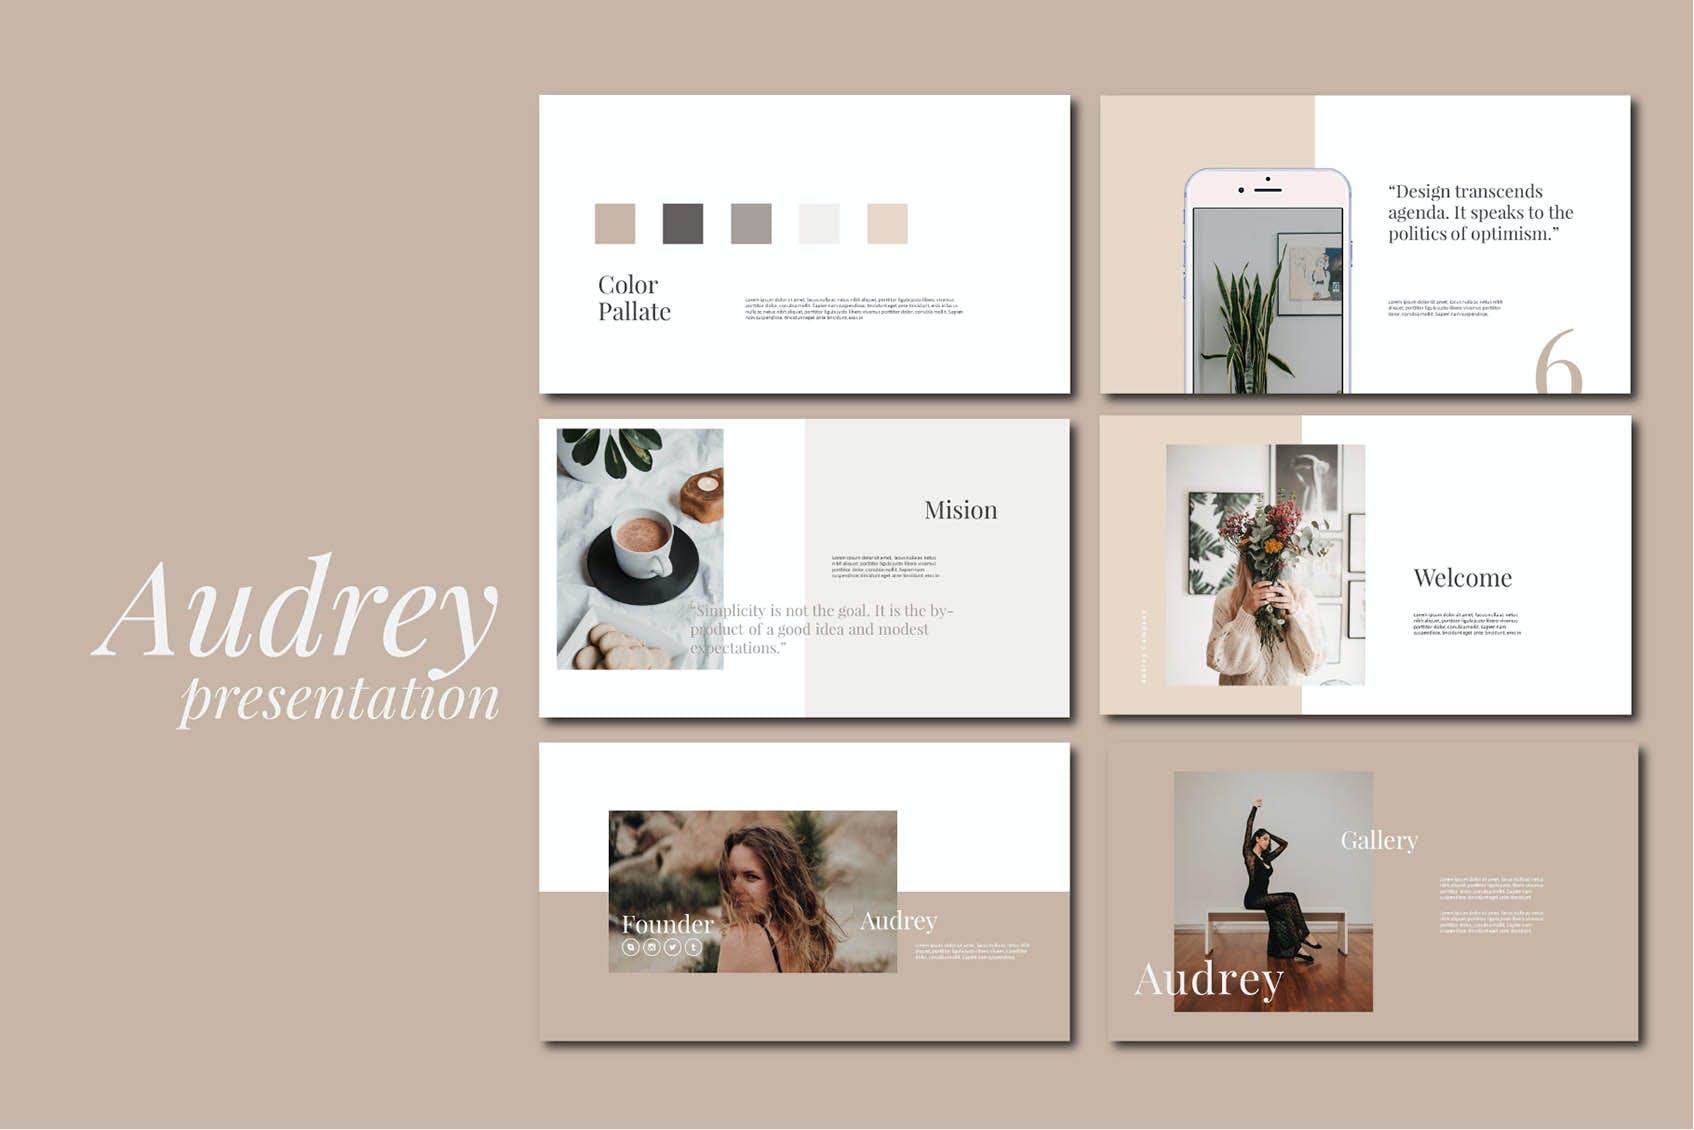 时尚简约摄影作品集图文排版设计演示文稿模板 Audrey – Powerpoint Template插图(1)